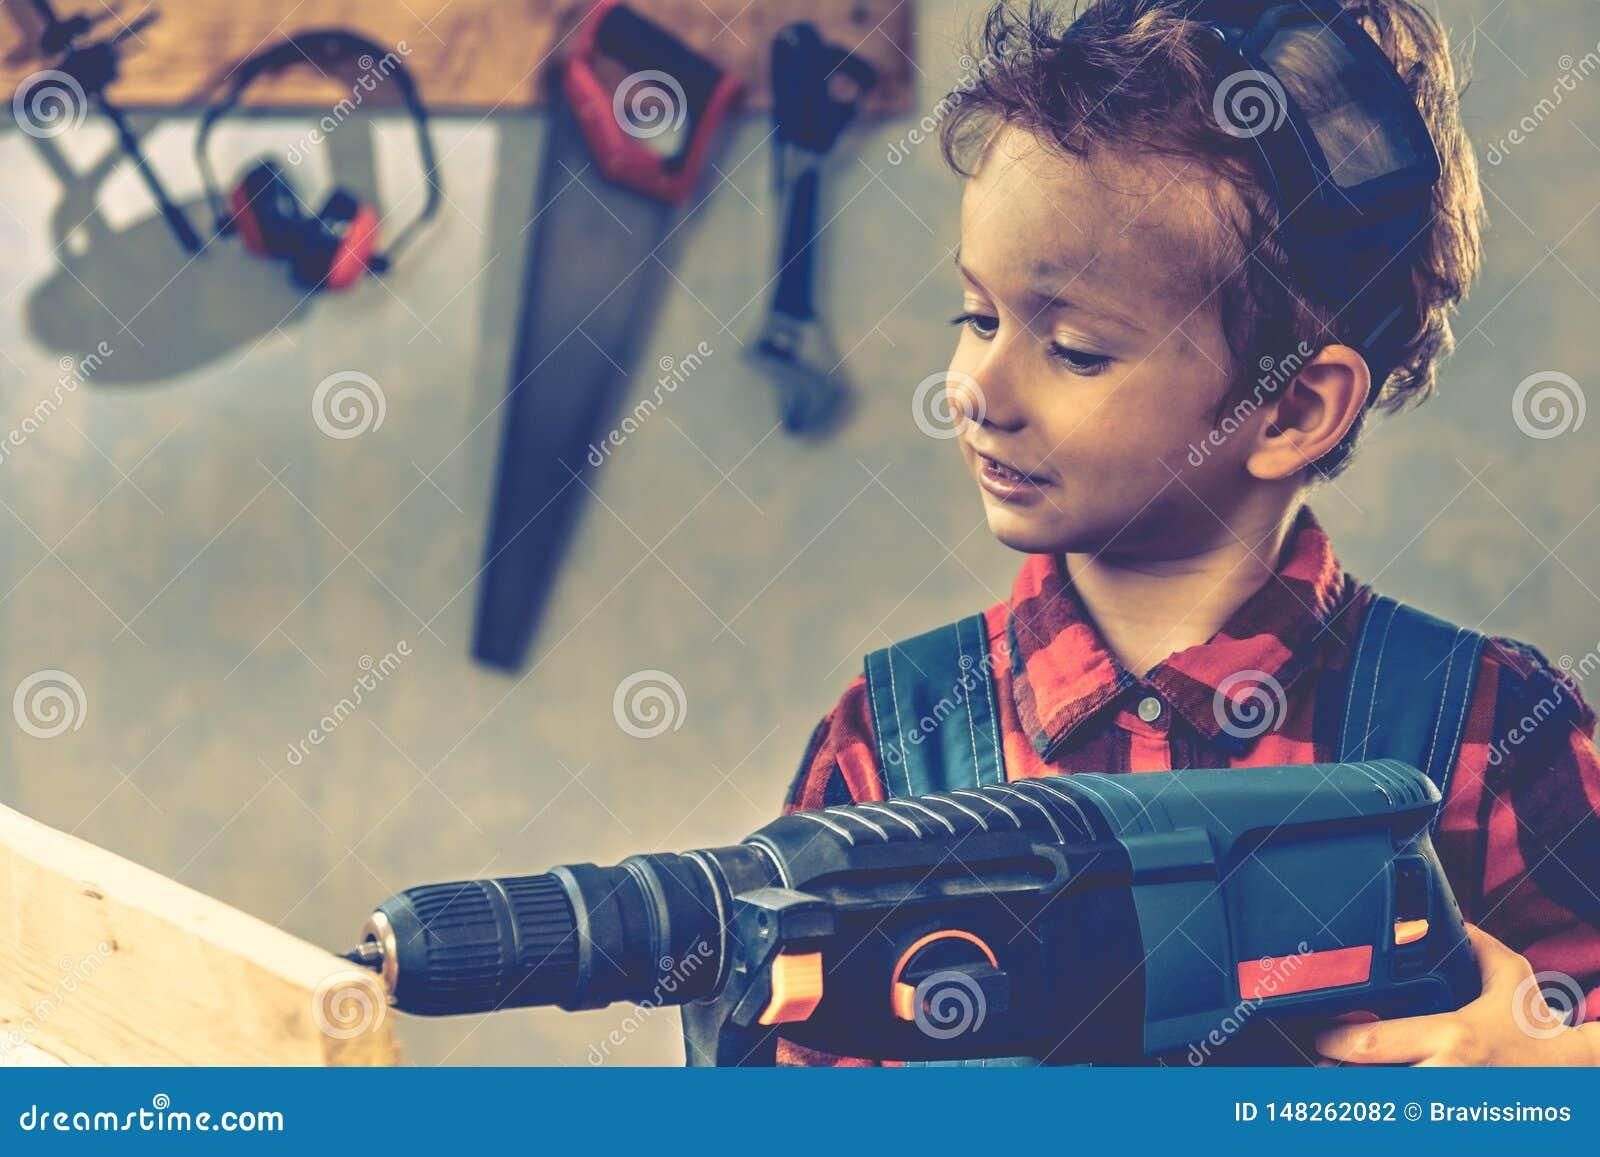 Концепция дня отцов ребенка, инструмент плотника, ремесло мальчика